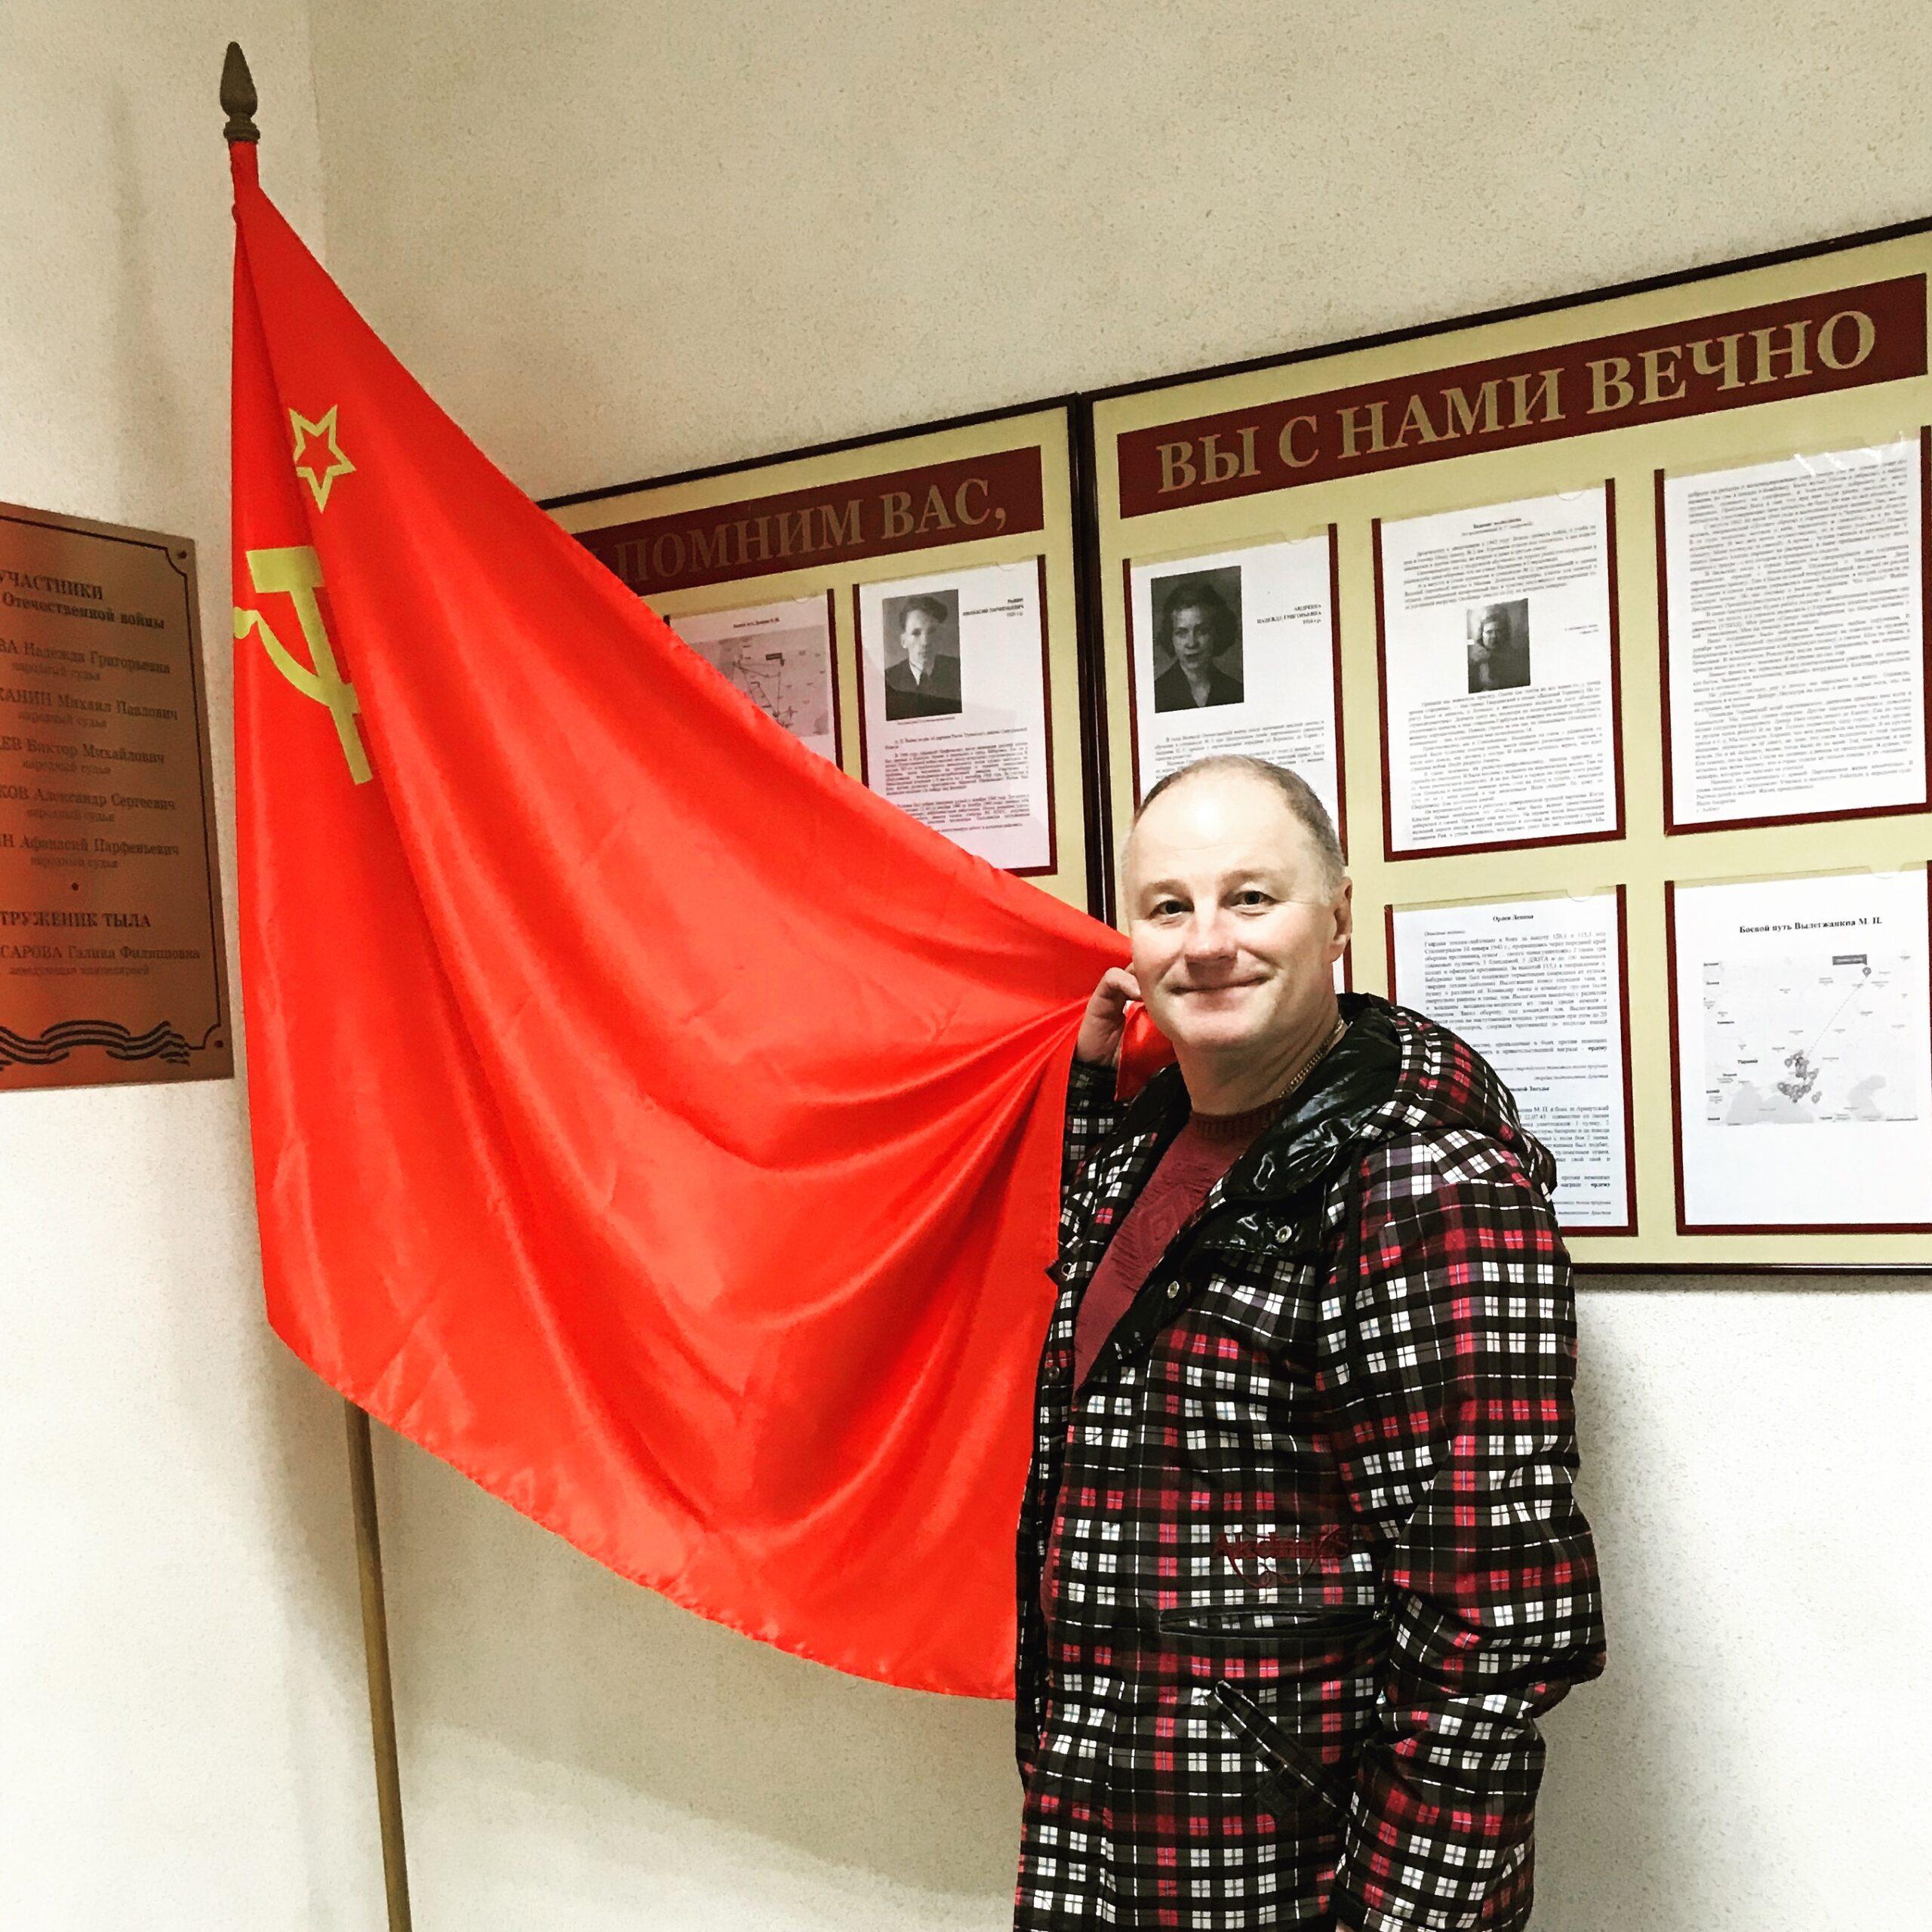 Красный уголок памяти Великой Отечественной войны в суде Свердловской области.